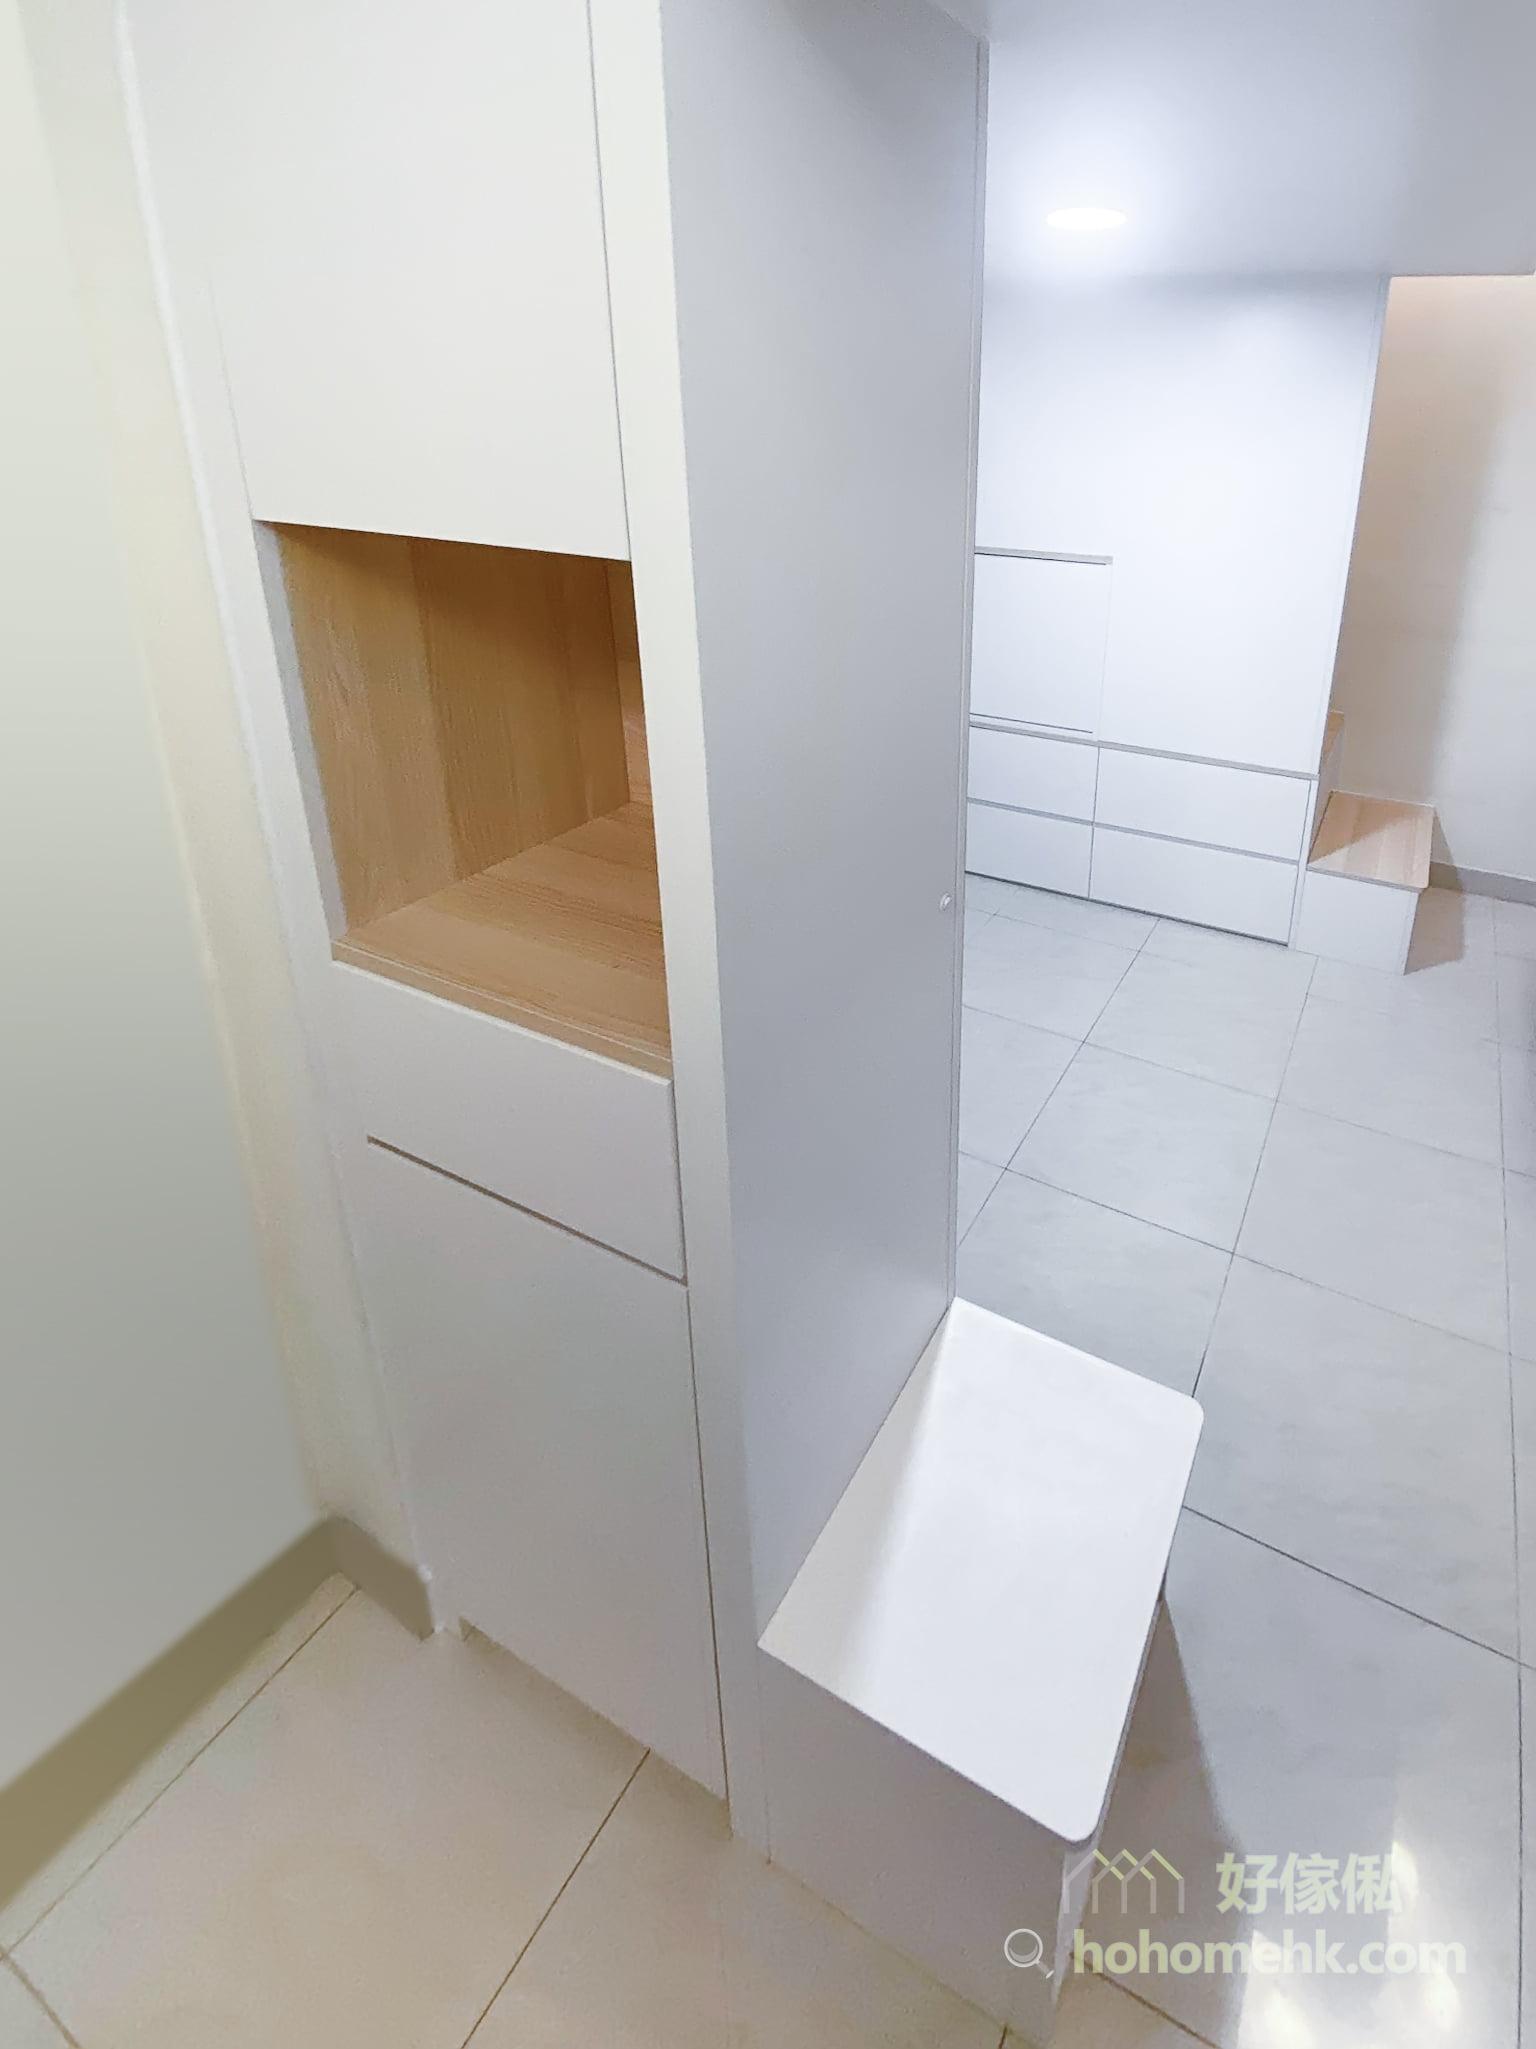 位於客廳入門處的閣樓,可以支援玄關的收納和功能,例如鞋櫃、中空櫃,還有很重要的換鞋櫈